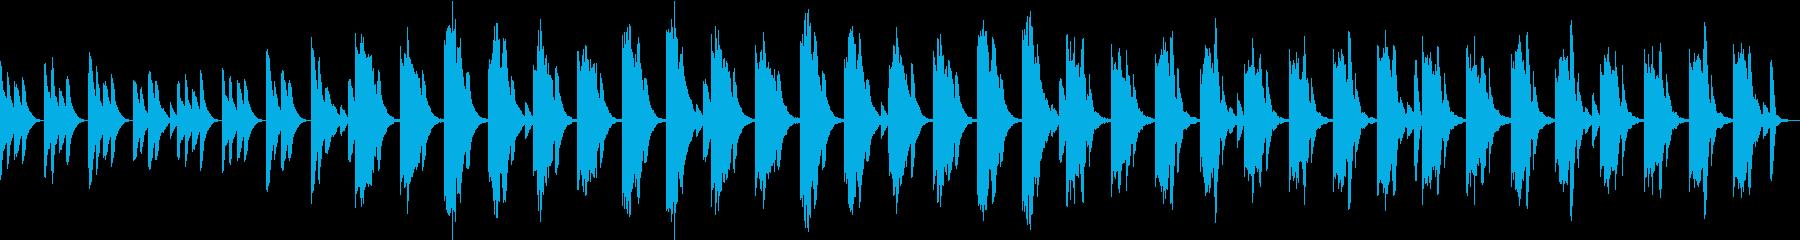 自然音の癒やし効果でママのストレスを解消の再生済みの波形